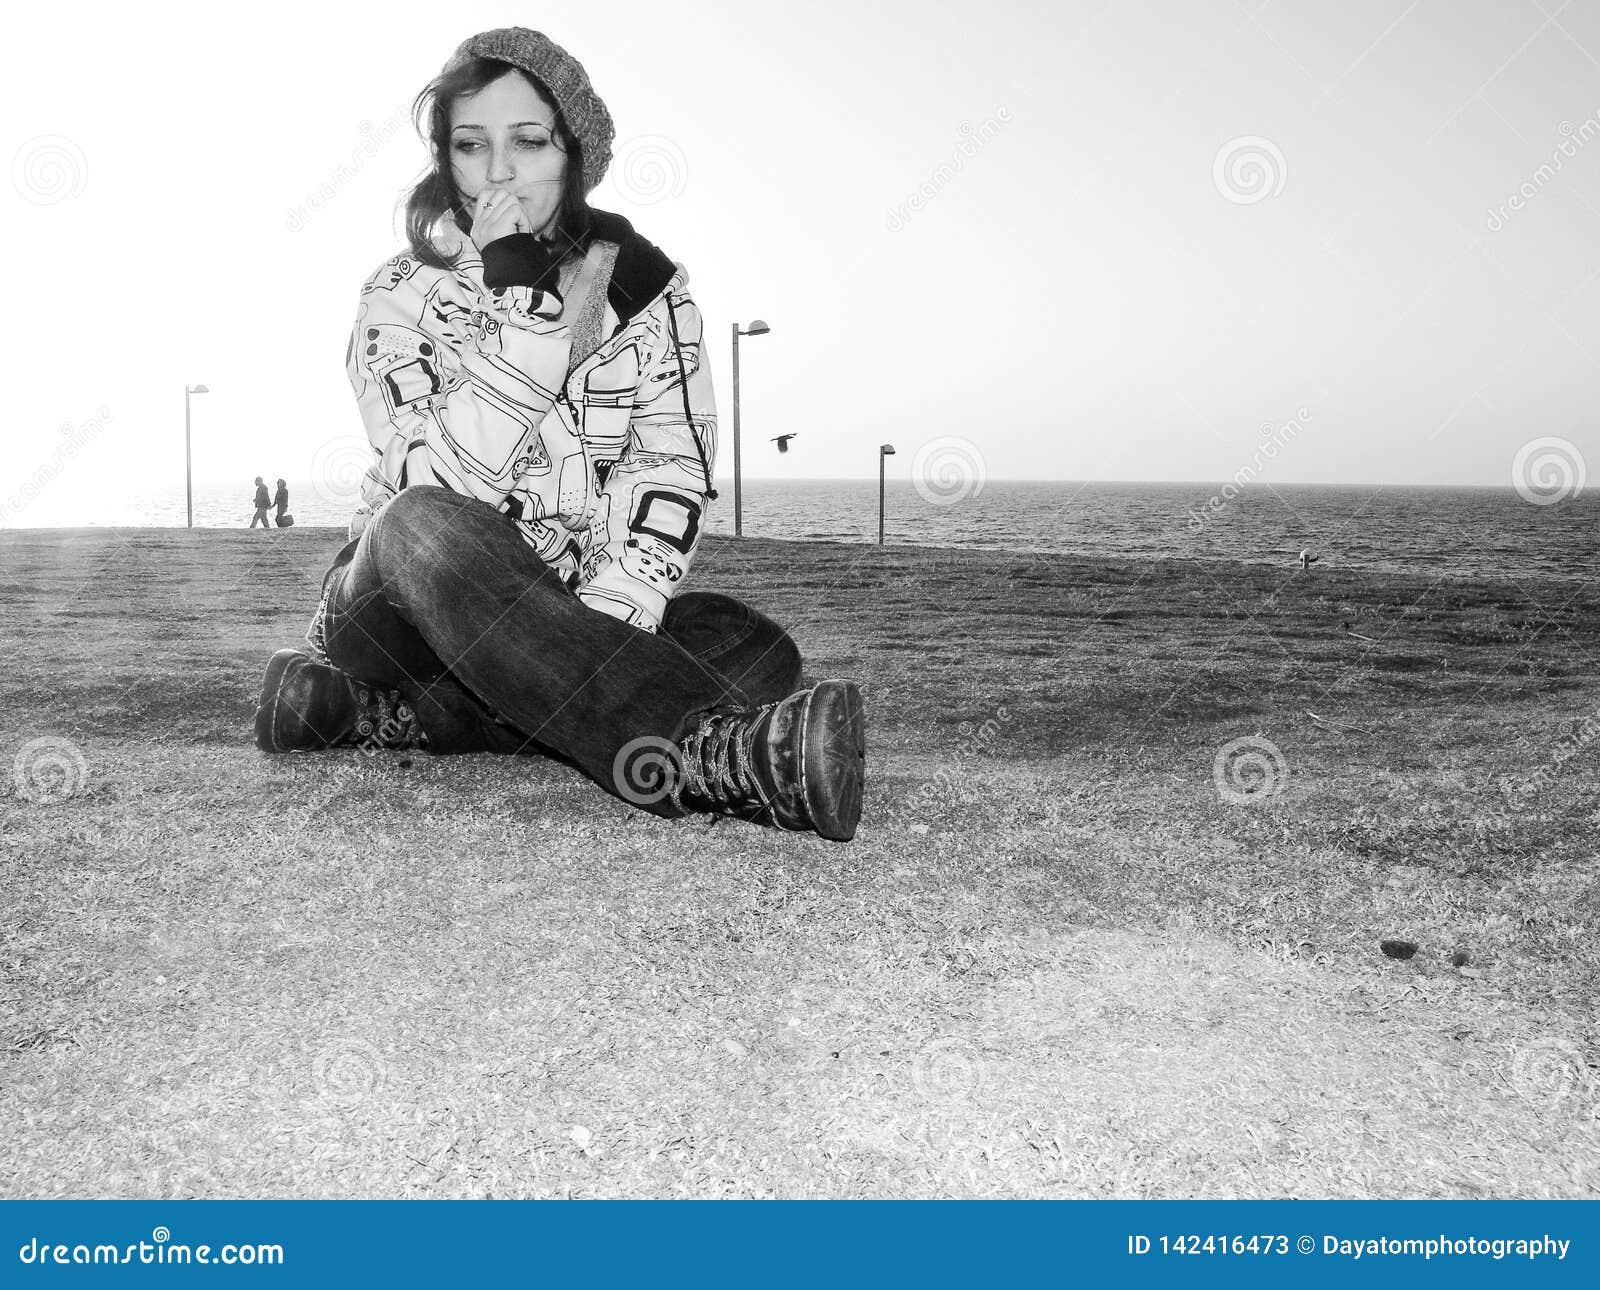 Hembra adulta joven, traje casual que lleva, vaqueros, sombrero y una sudadera con capucha, estilo urbano, sentándose en hierba e